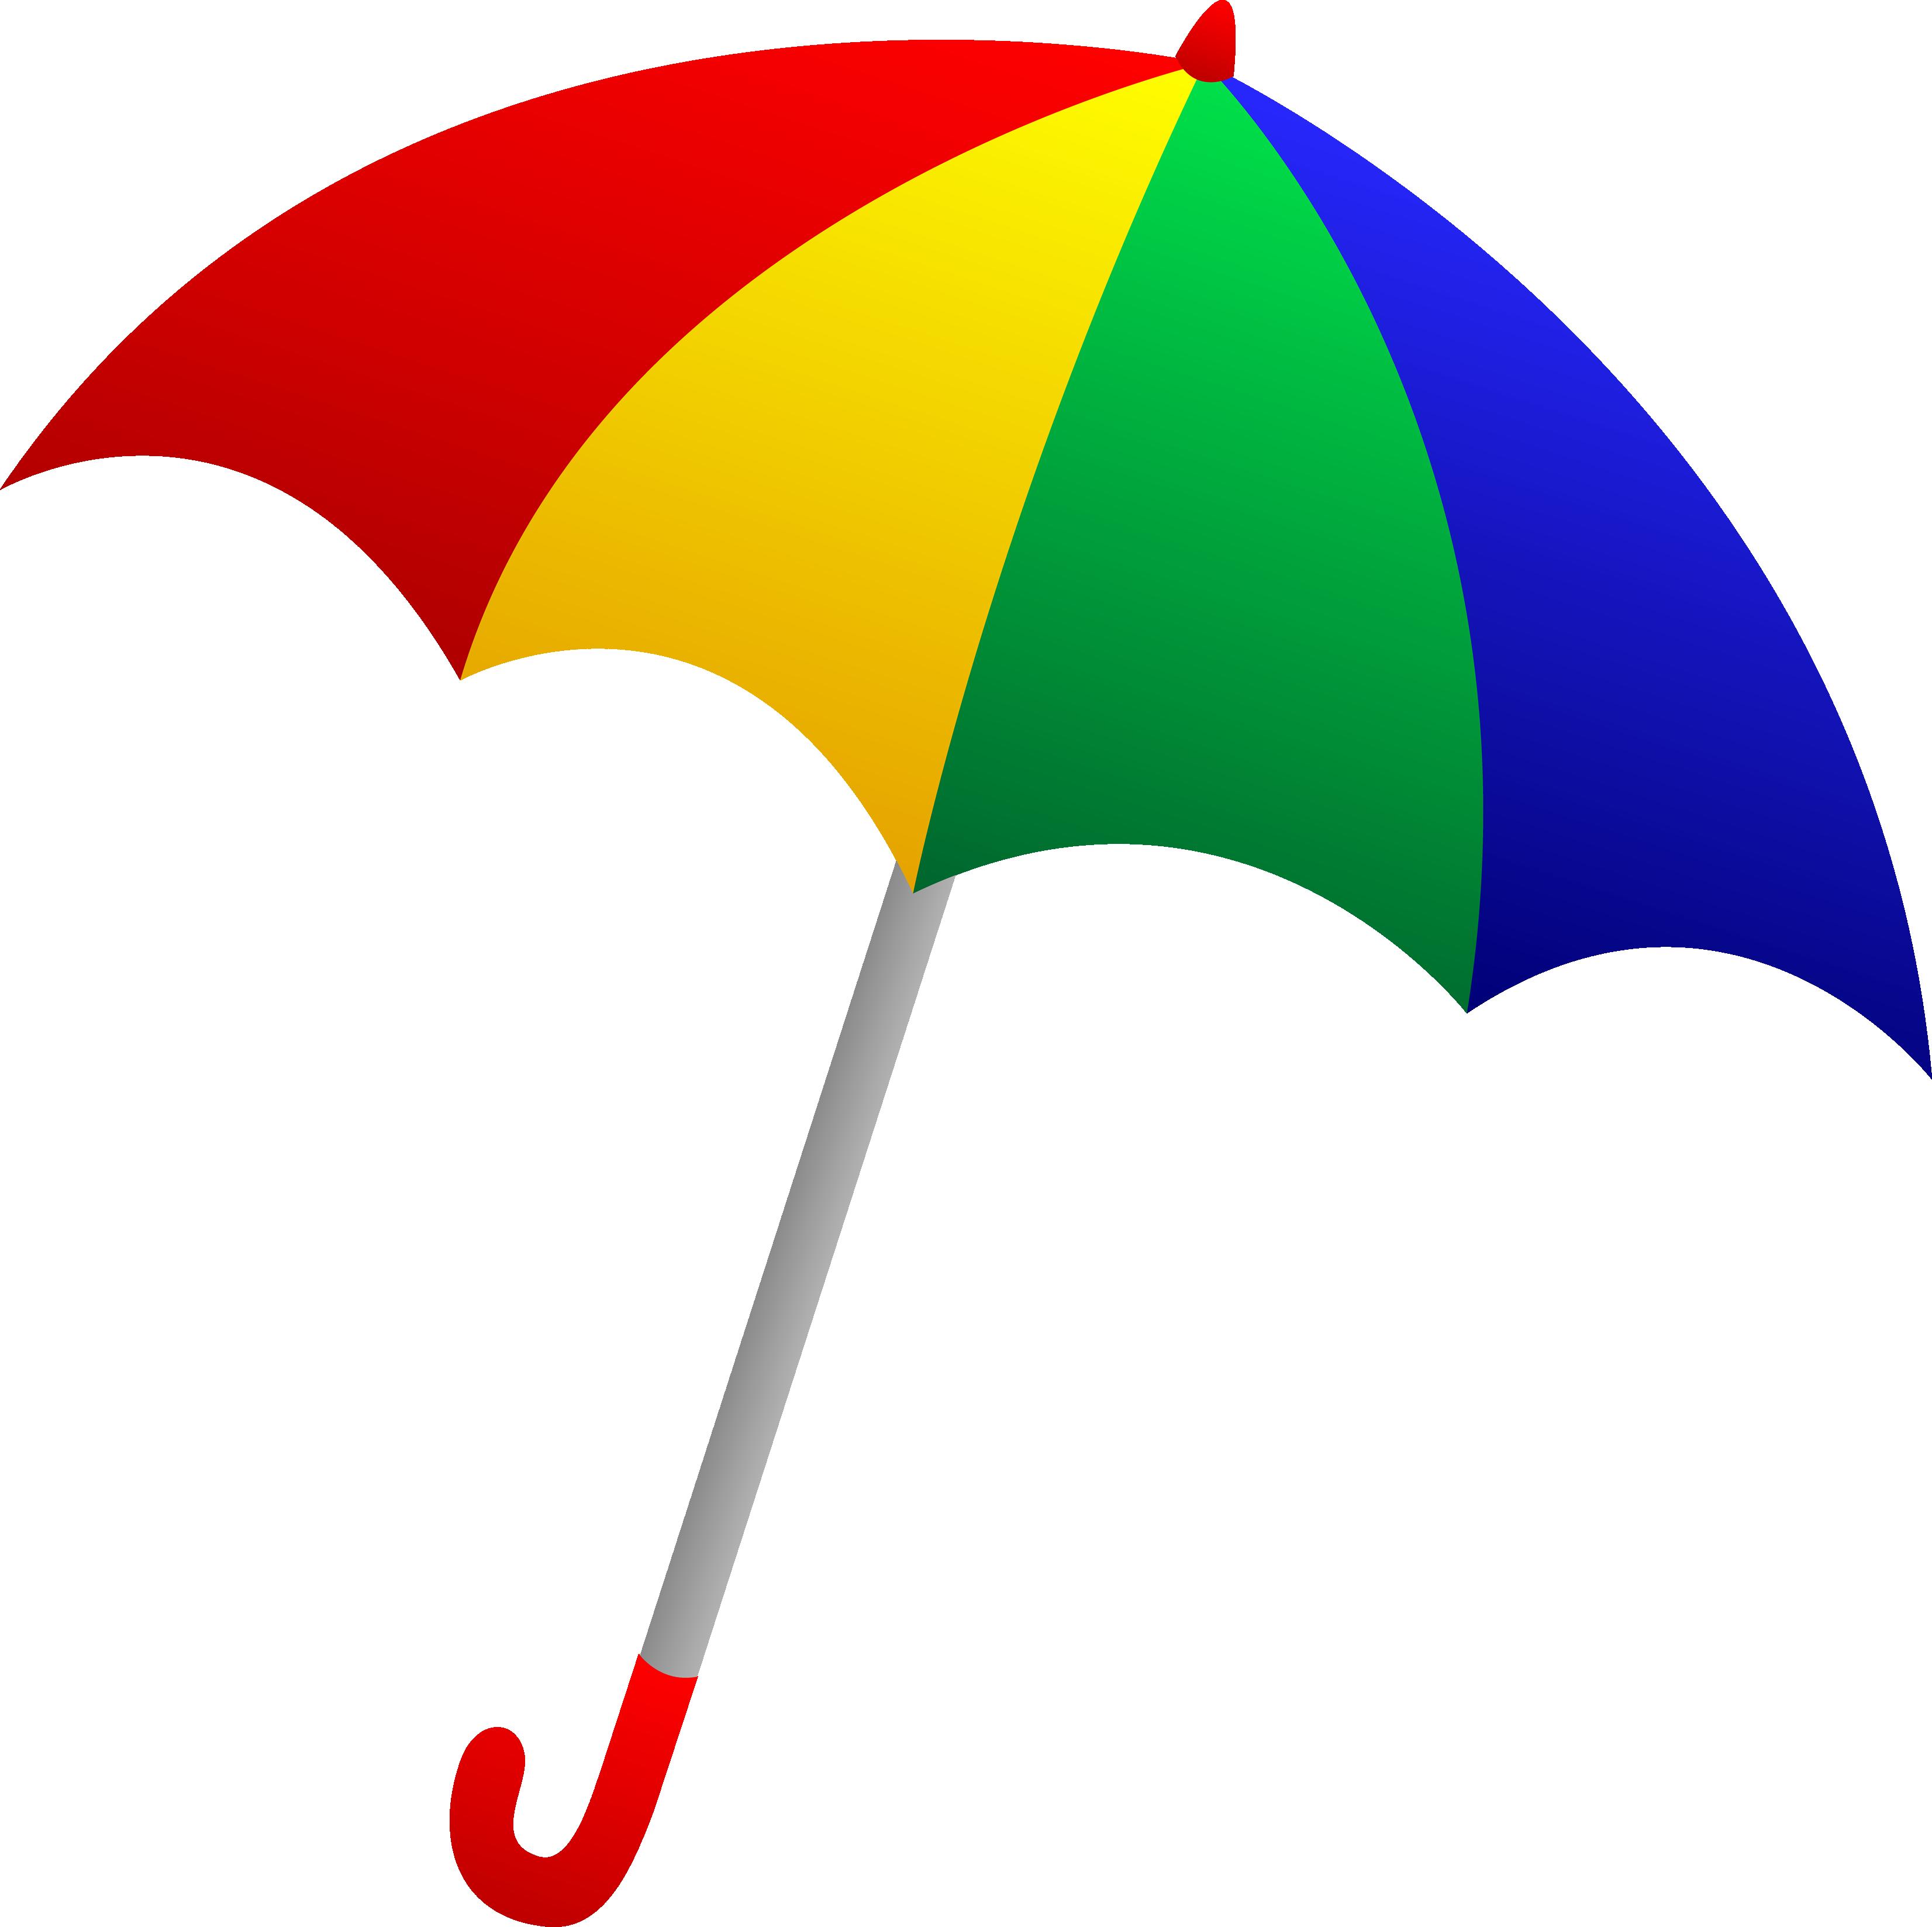 Colorful Umbrella Png image #19729 - Umbrella PNG